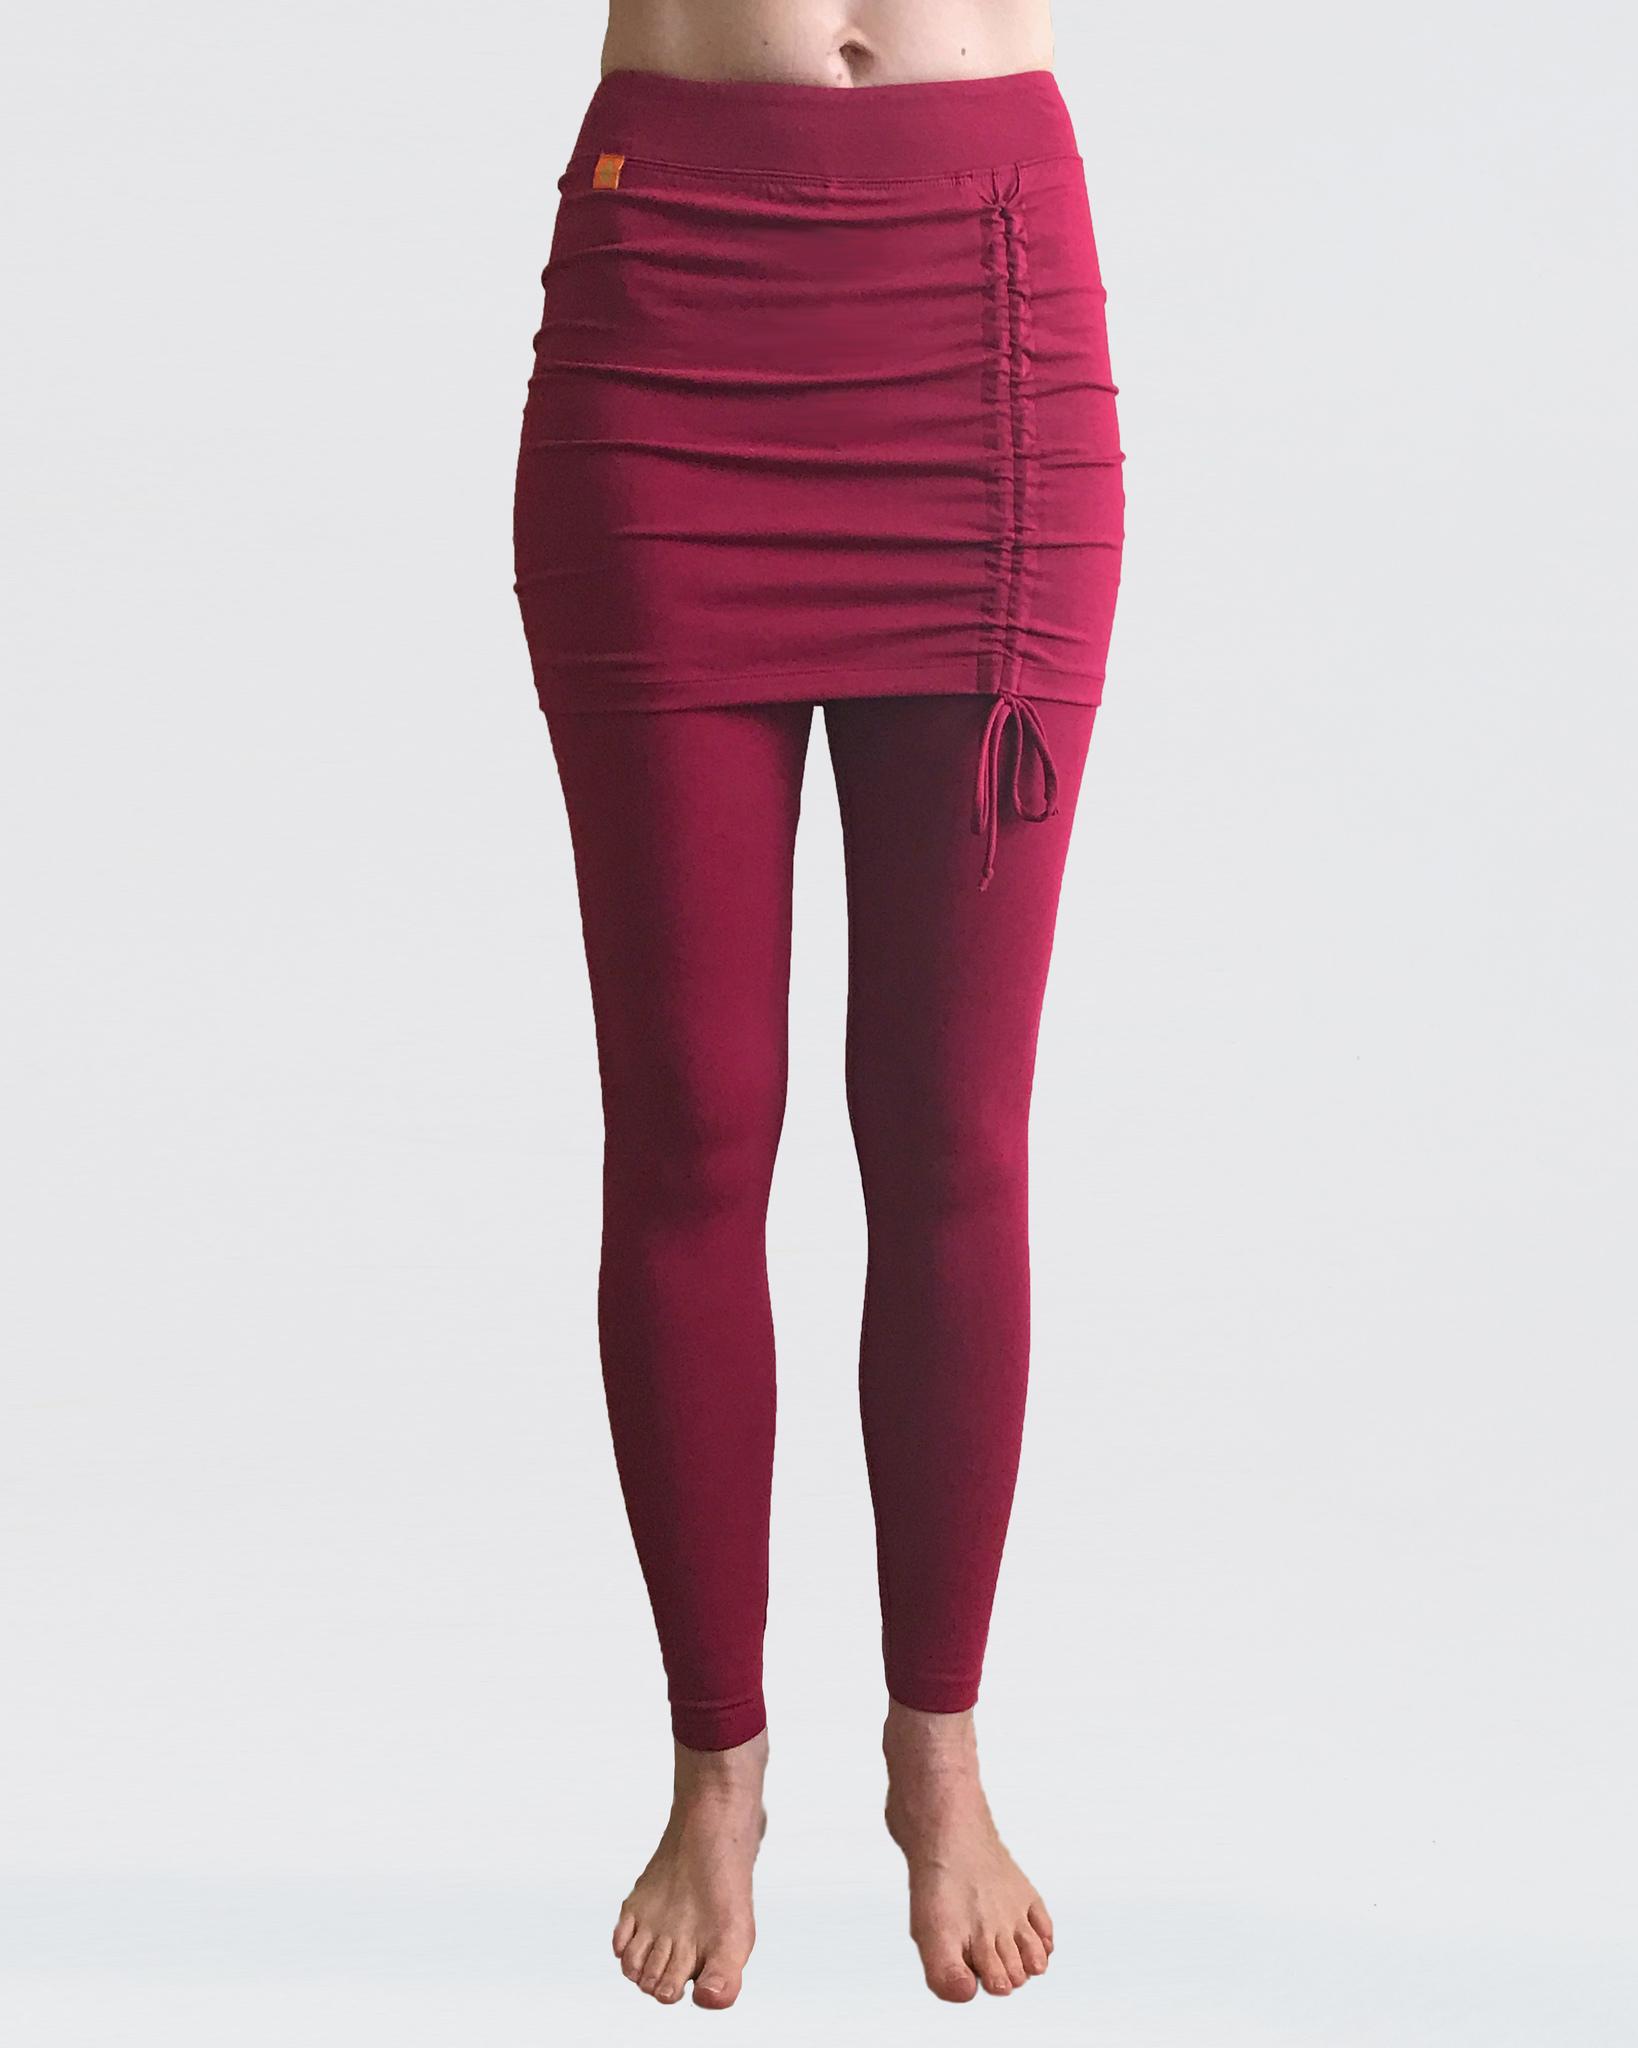 лосины женские длинные yogadress 0 3 кг xl 50 красный клюквенный Леггинсы женские с юбкой бордовые YogaDress (0,2 кг, XS (42), красный)